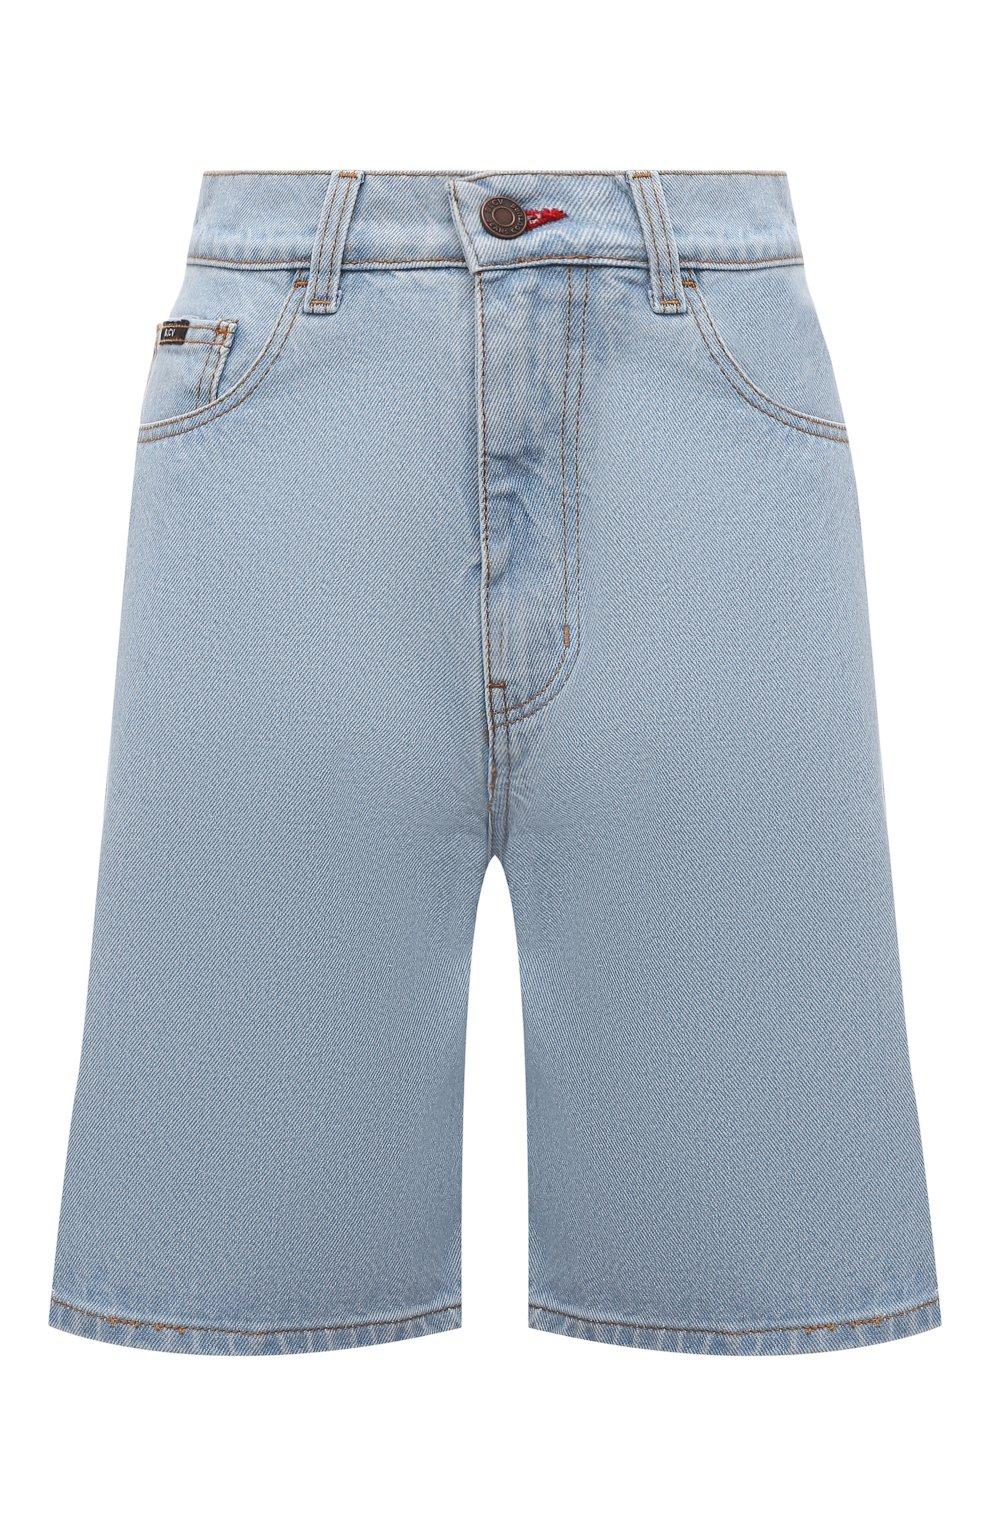 Женские джинсовые шорты BLCV голубого цвета, арт. 1270VH | Фото 1 (Женское Кросс-КТ: Шорты-одежда; Кросс-КТ: Деним; Длина Ж (юбки, платья, шорты): Мини; Стили: Гранж; Материал внешний: Хлопок)